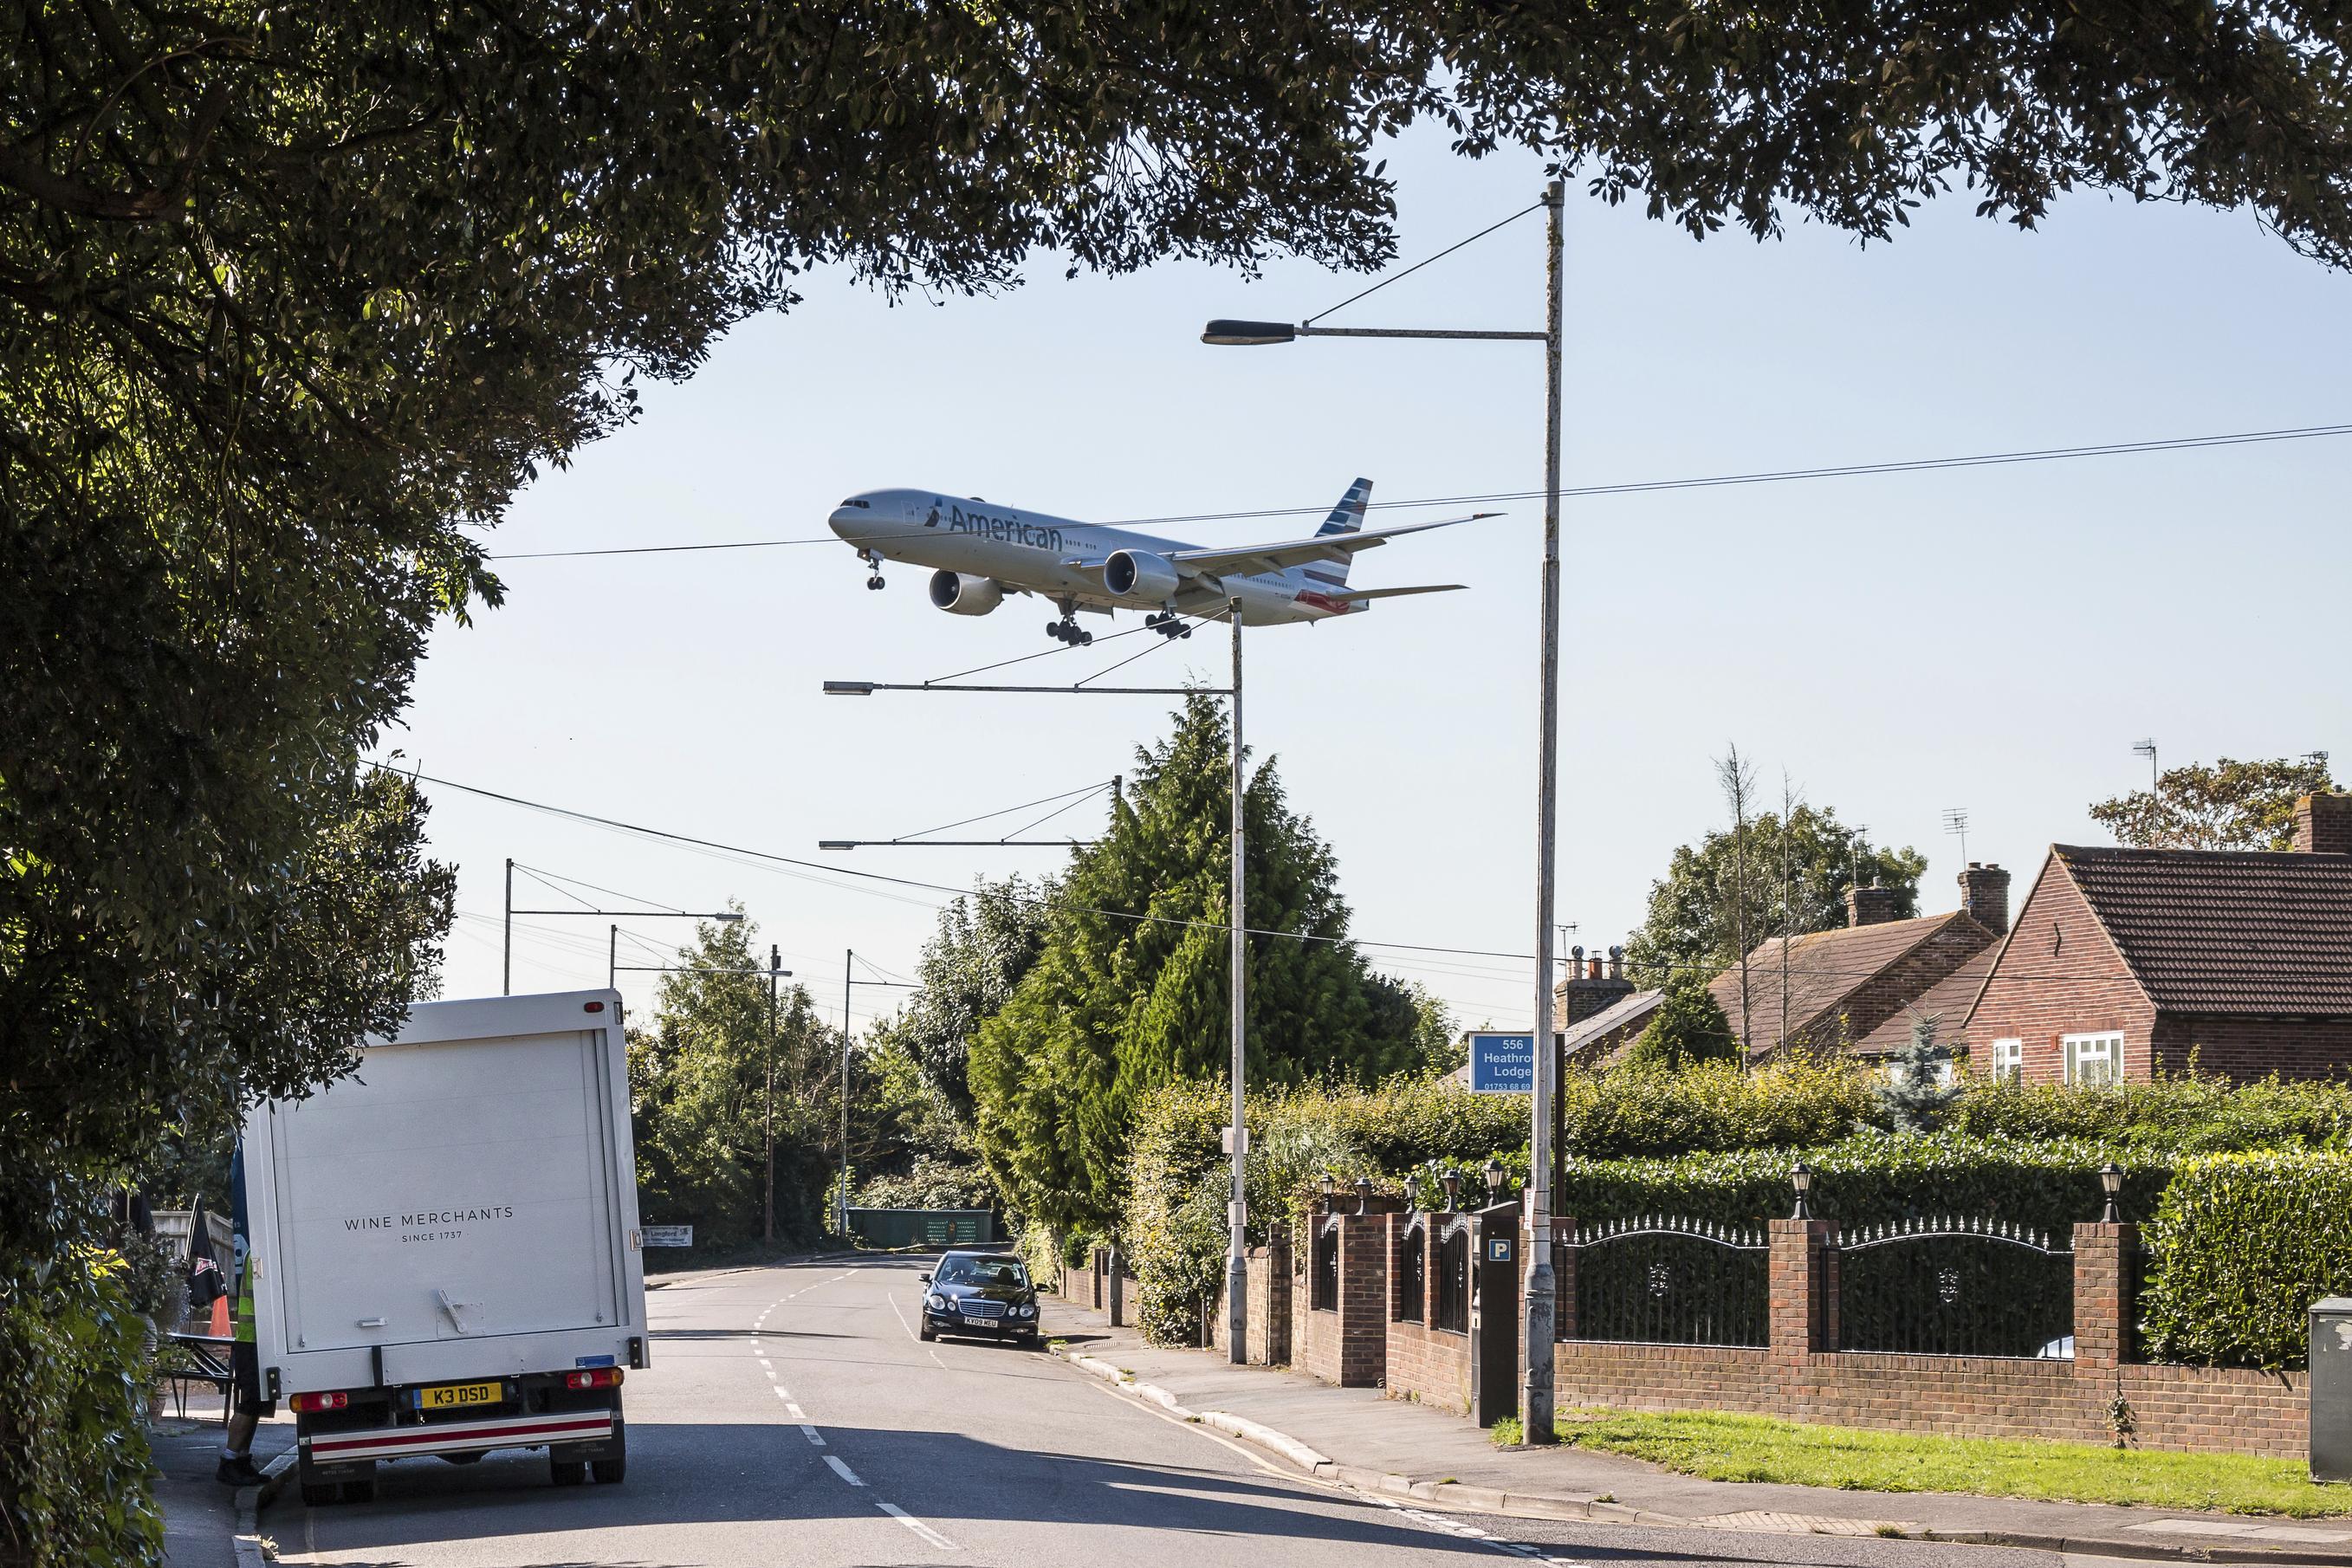 Heathrow, aeroplane, runway